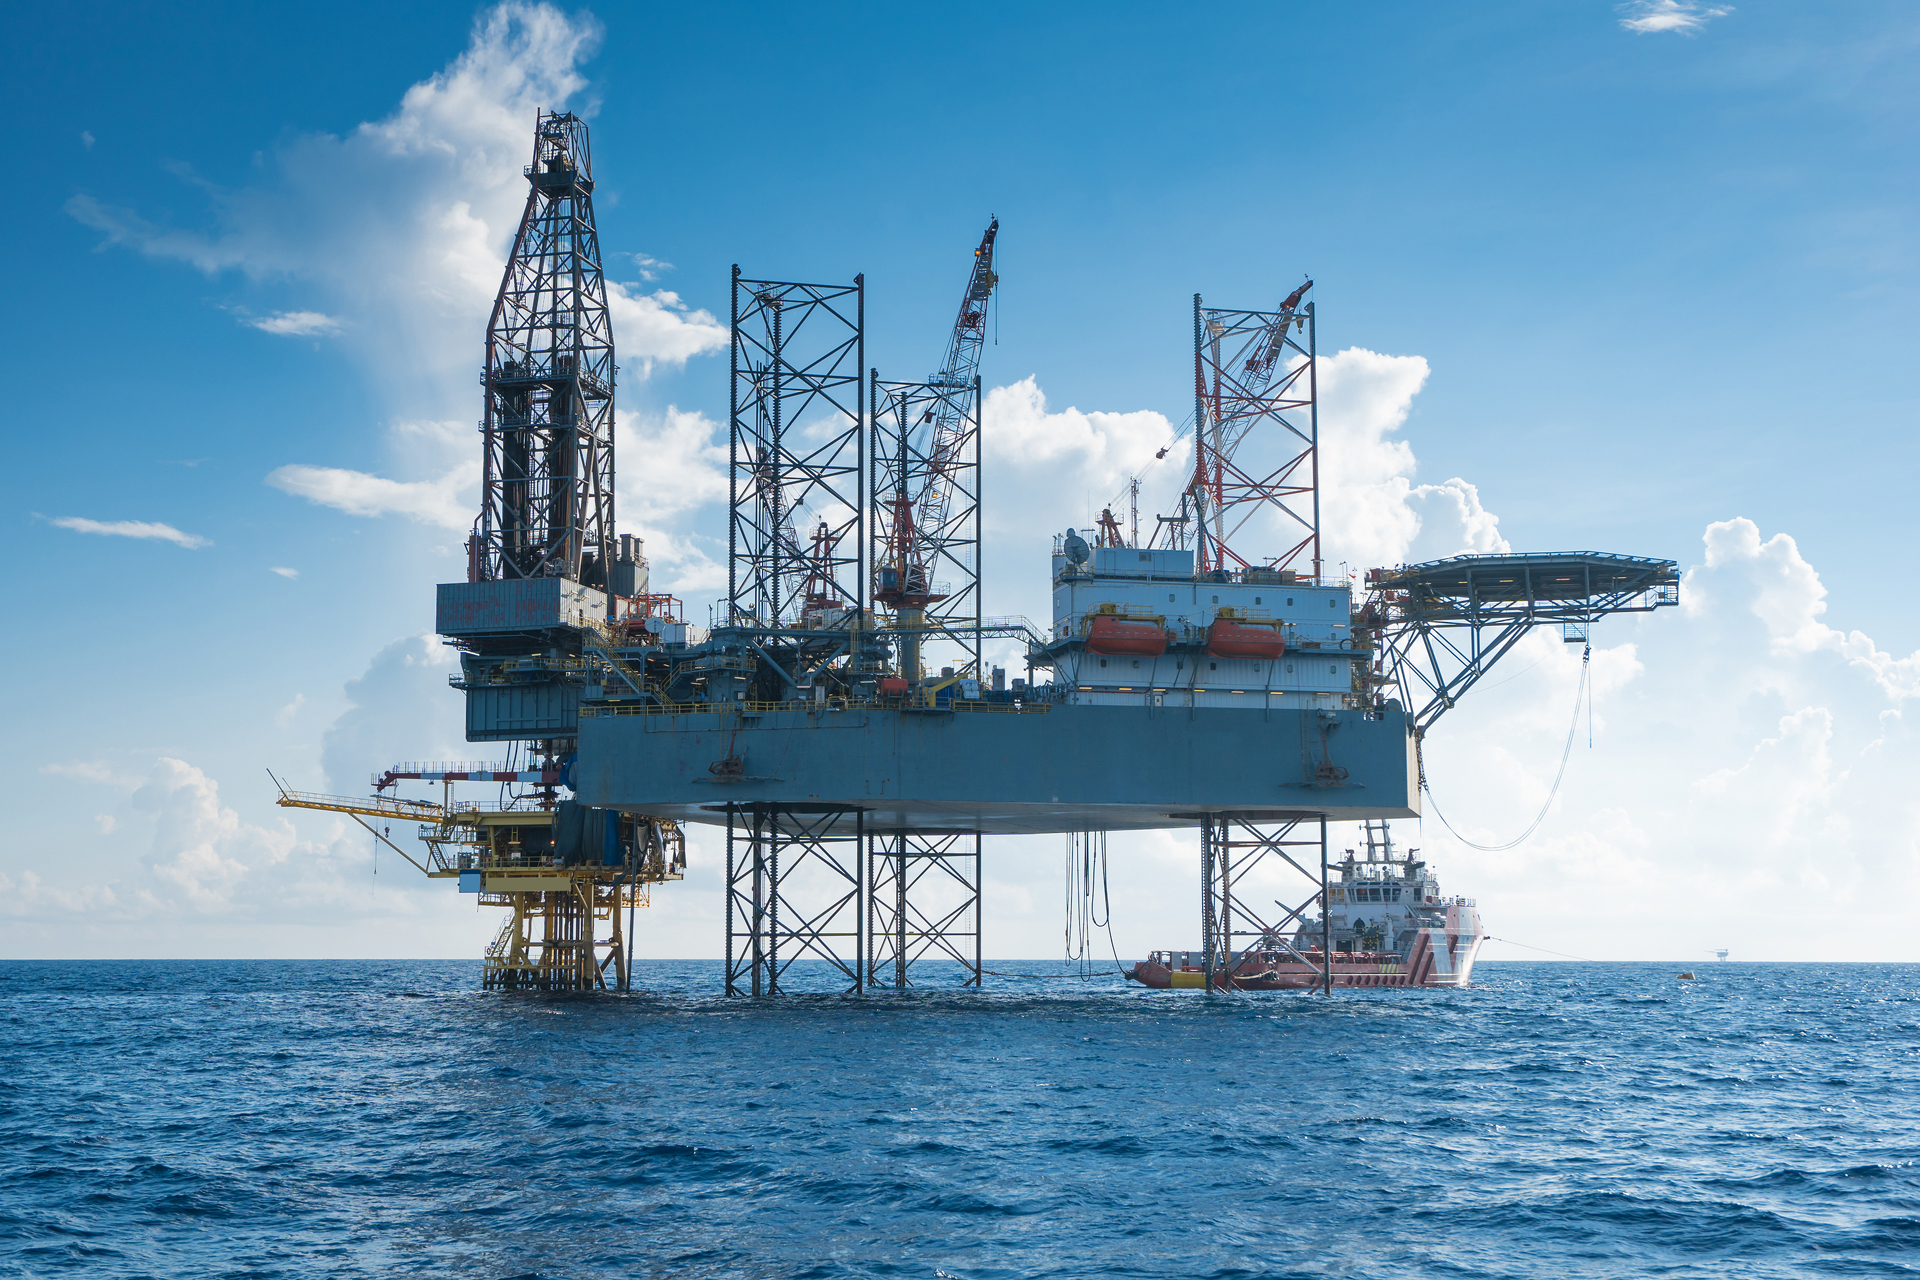 offshore drilling oil rig.jpg